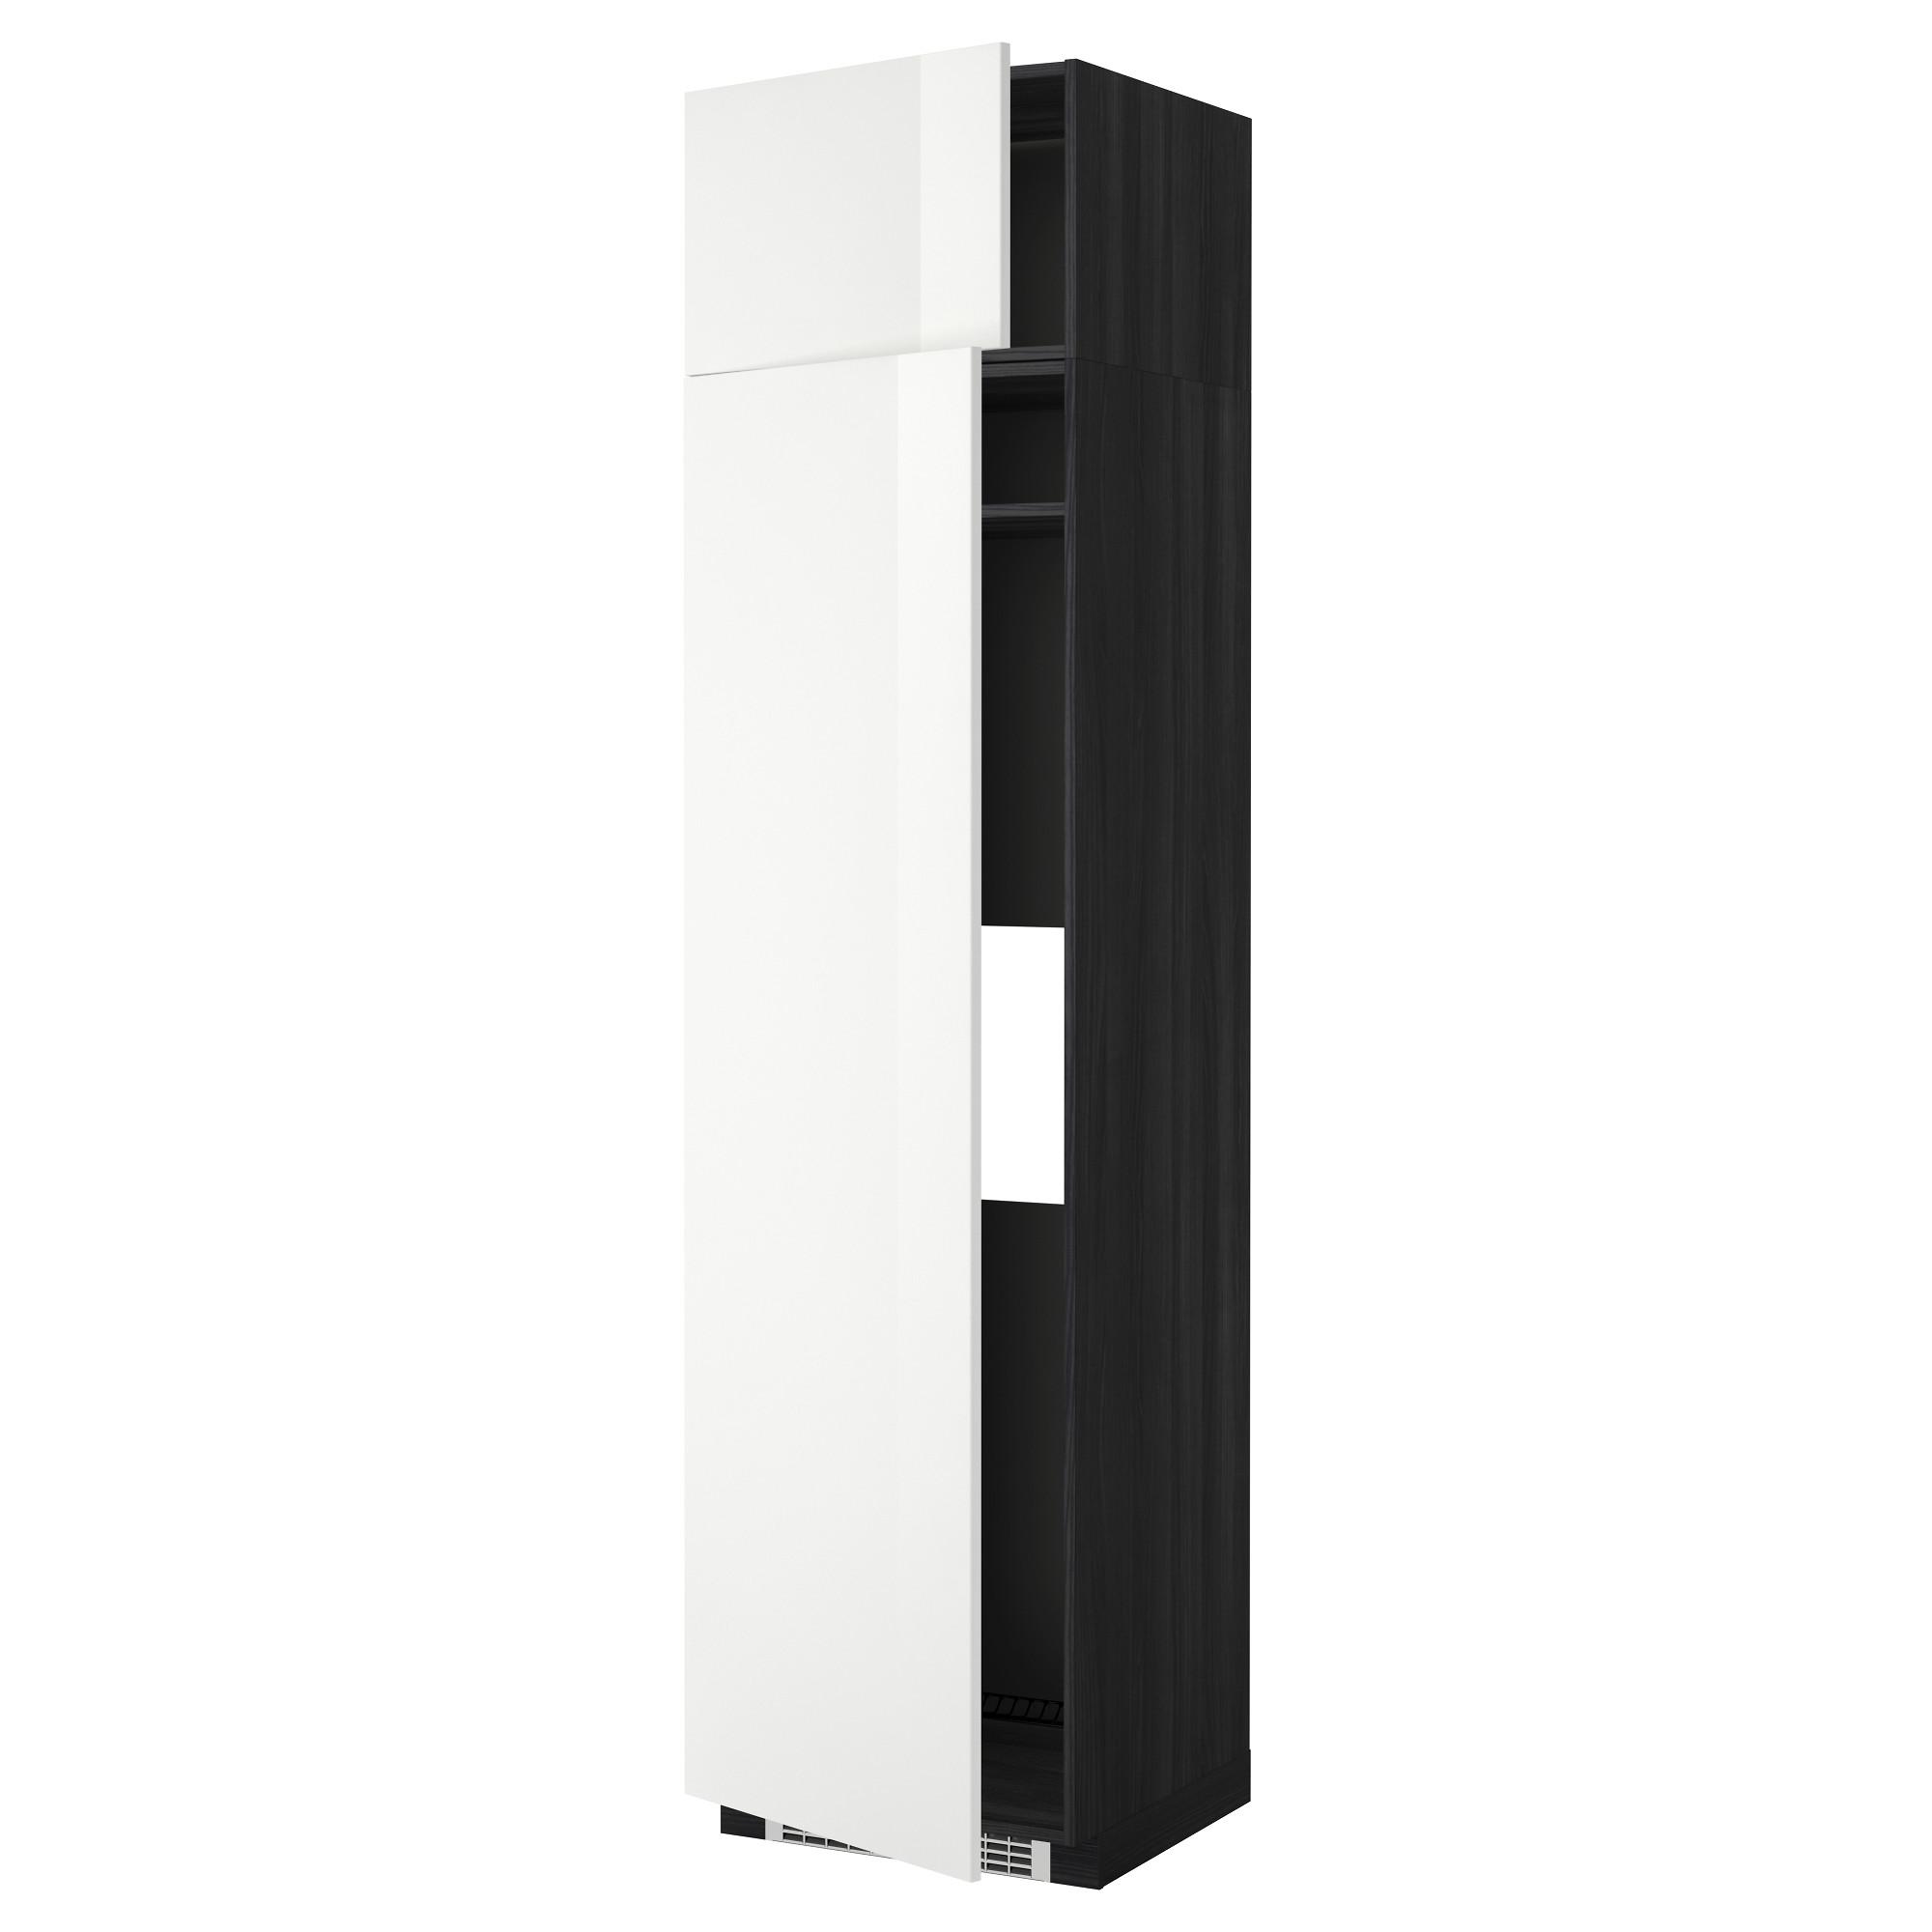 Высокий шкаф для холодильника или морозильник МЕТОД черный артикуль № 892.331.24 в наличии. Online магазин IKEA Минск. Недорогая доставка и соборка.